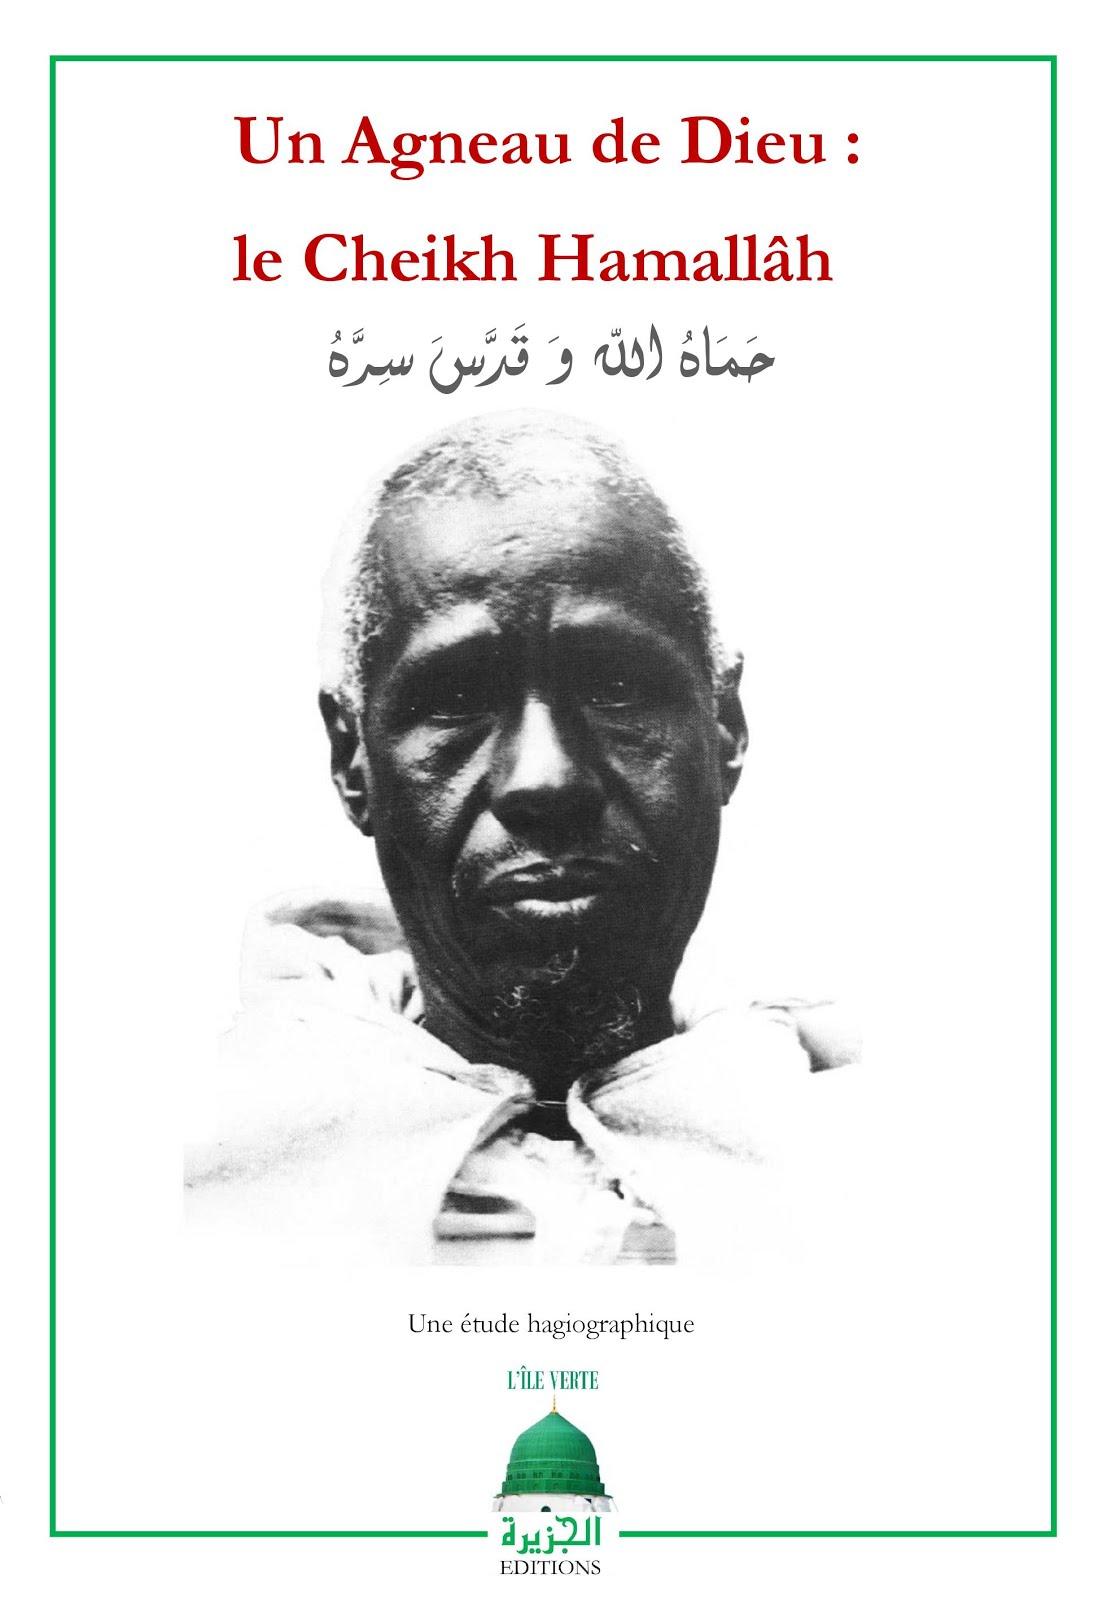 Al-Simsimah vous propose de lire : Un Agneau de Dieu : le Cheikh Hamallâh